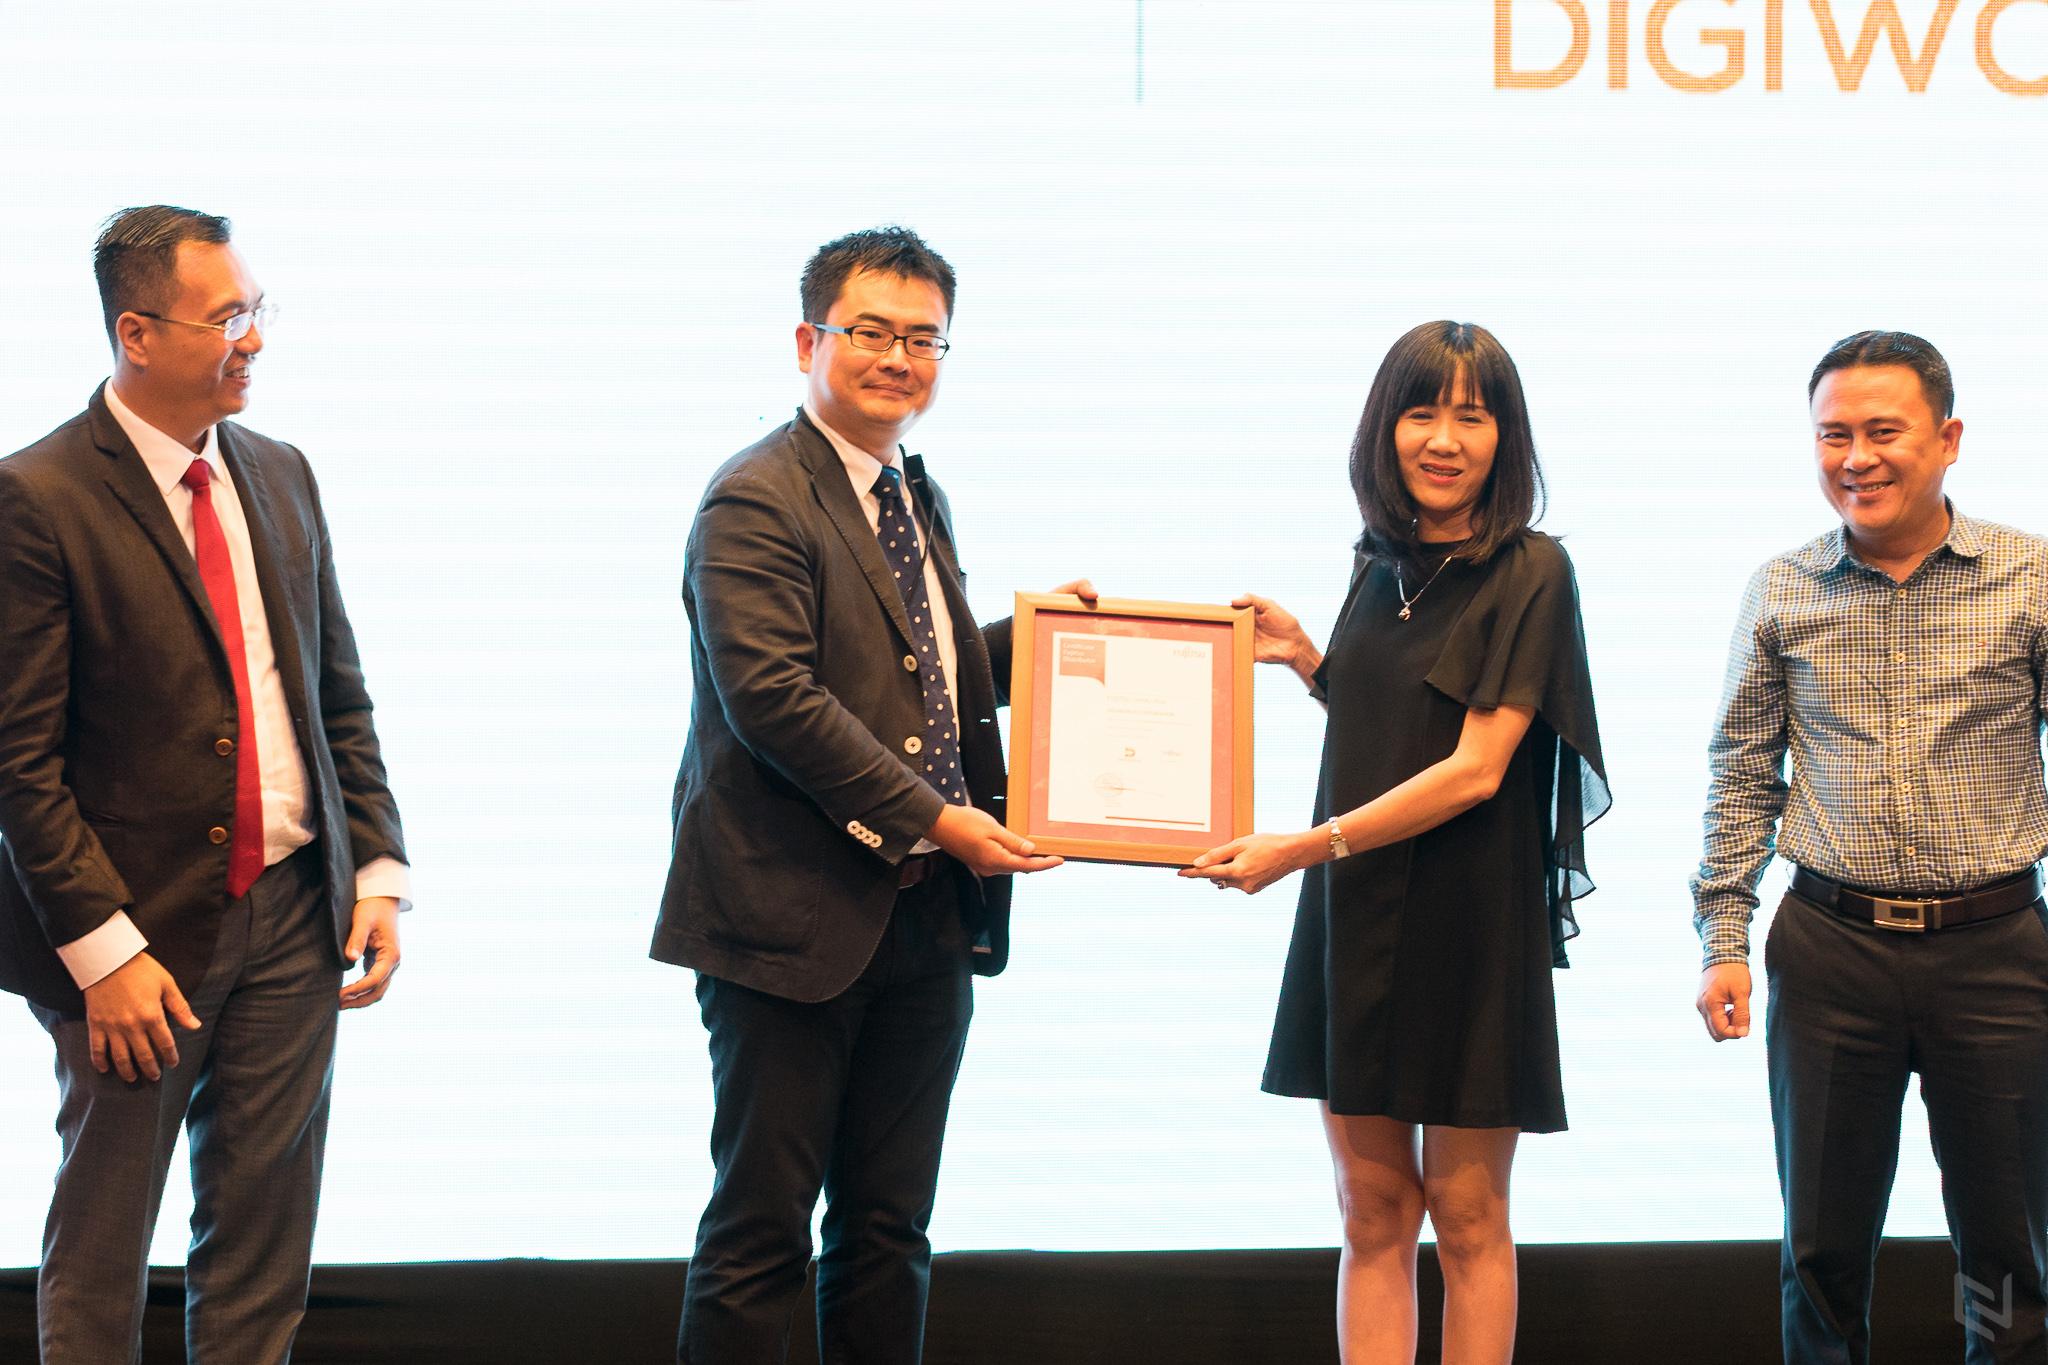 """Fujitsu công bố Công ty Cổ Phần Thế Giới Số (Digiworld Corporation – """"DGW"""") là đối tác chiến lược trong việc phân phối chính thức các sản phẩm máy tính xách tay tại thị trường Việt Nam."""